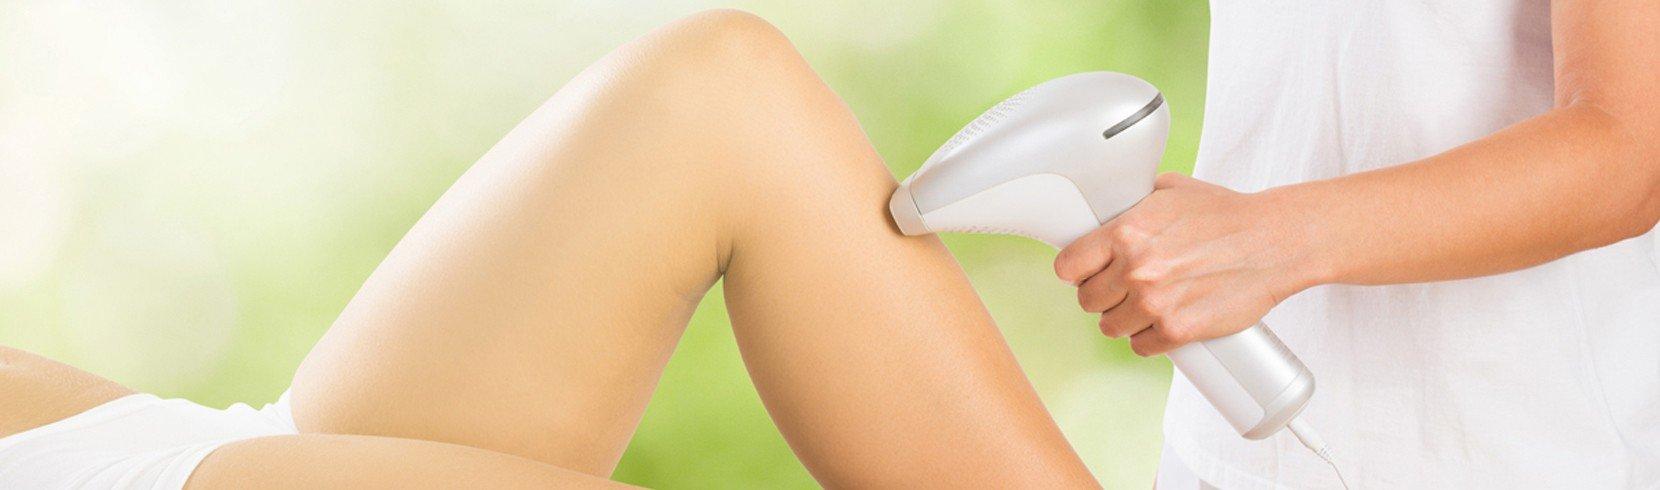 Skin Rejuvenation & Microdermabrasion